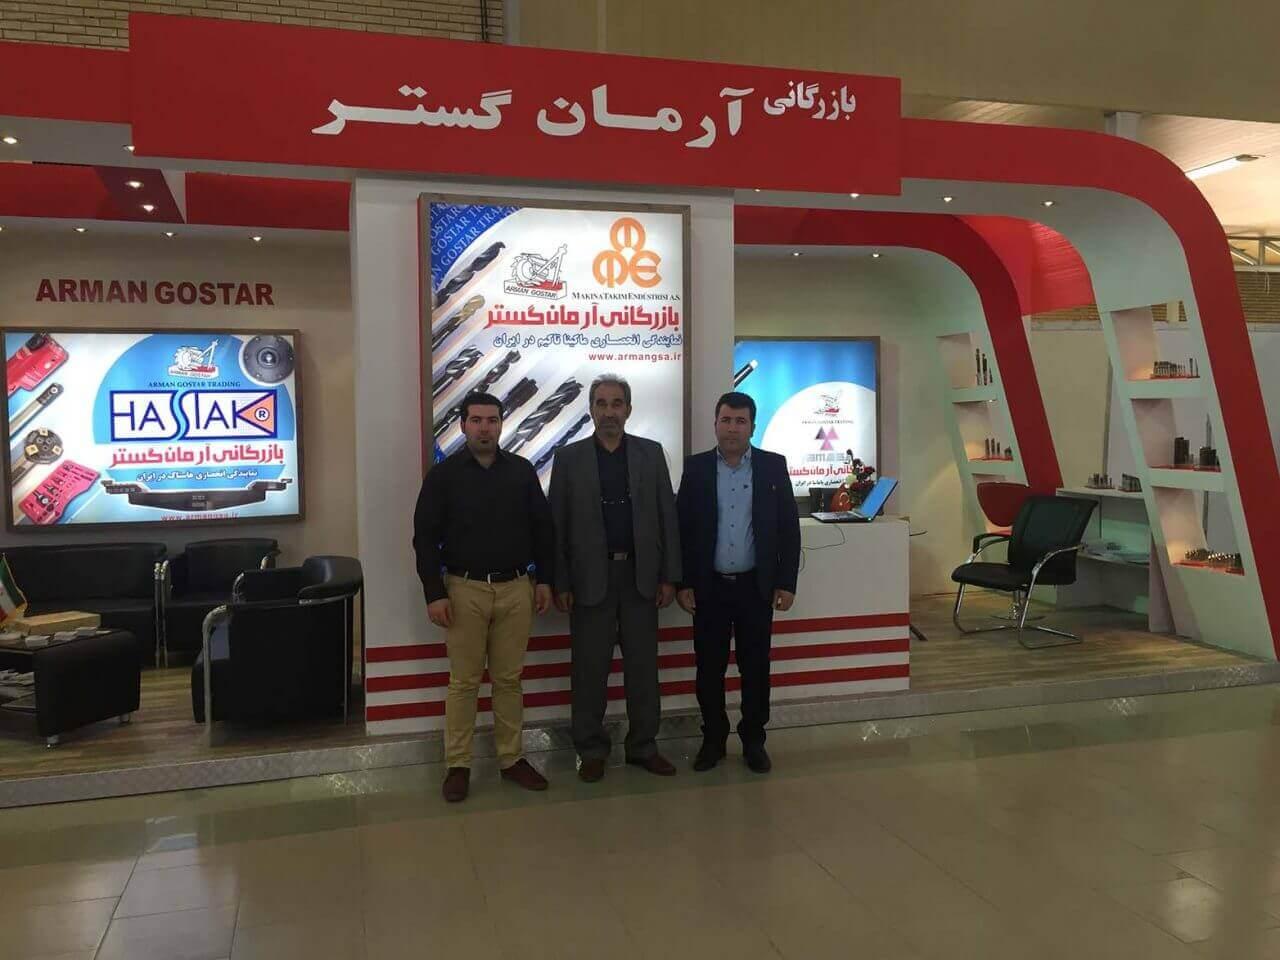 نمایشگاه شرکت پراگ تبریز